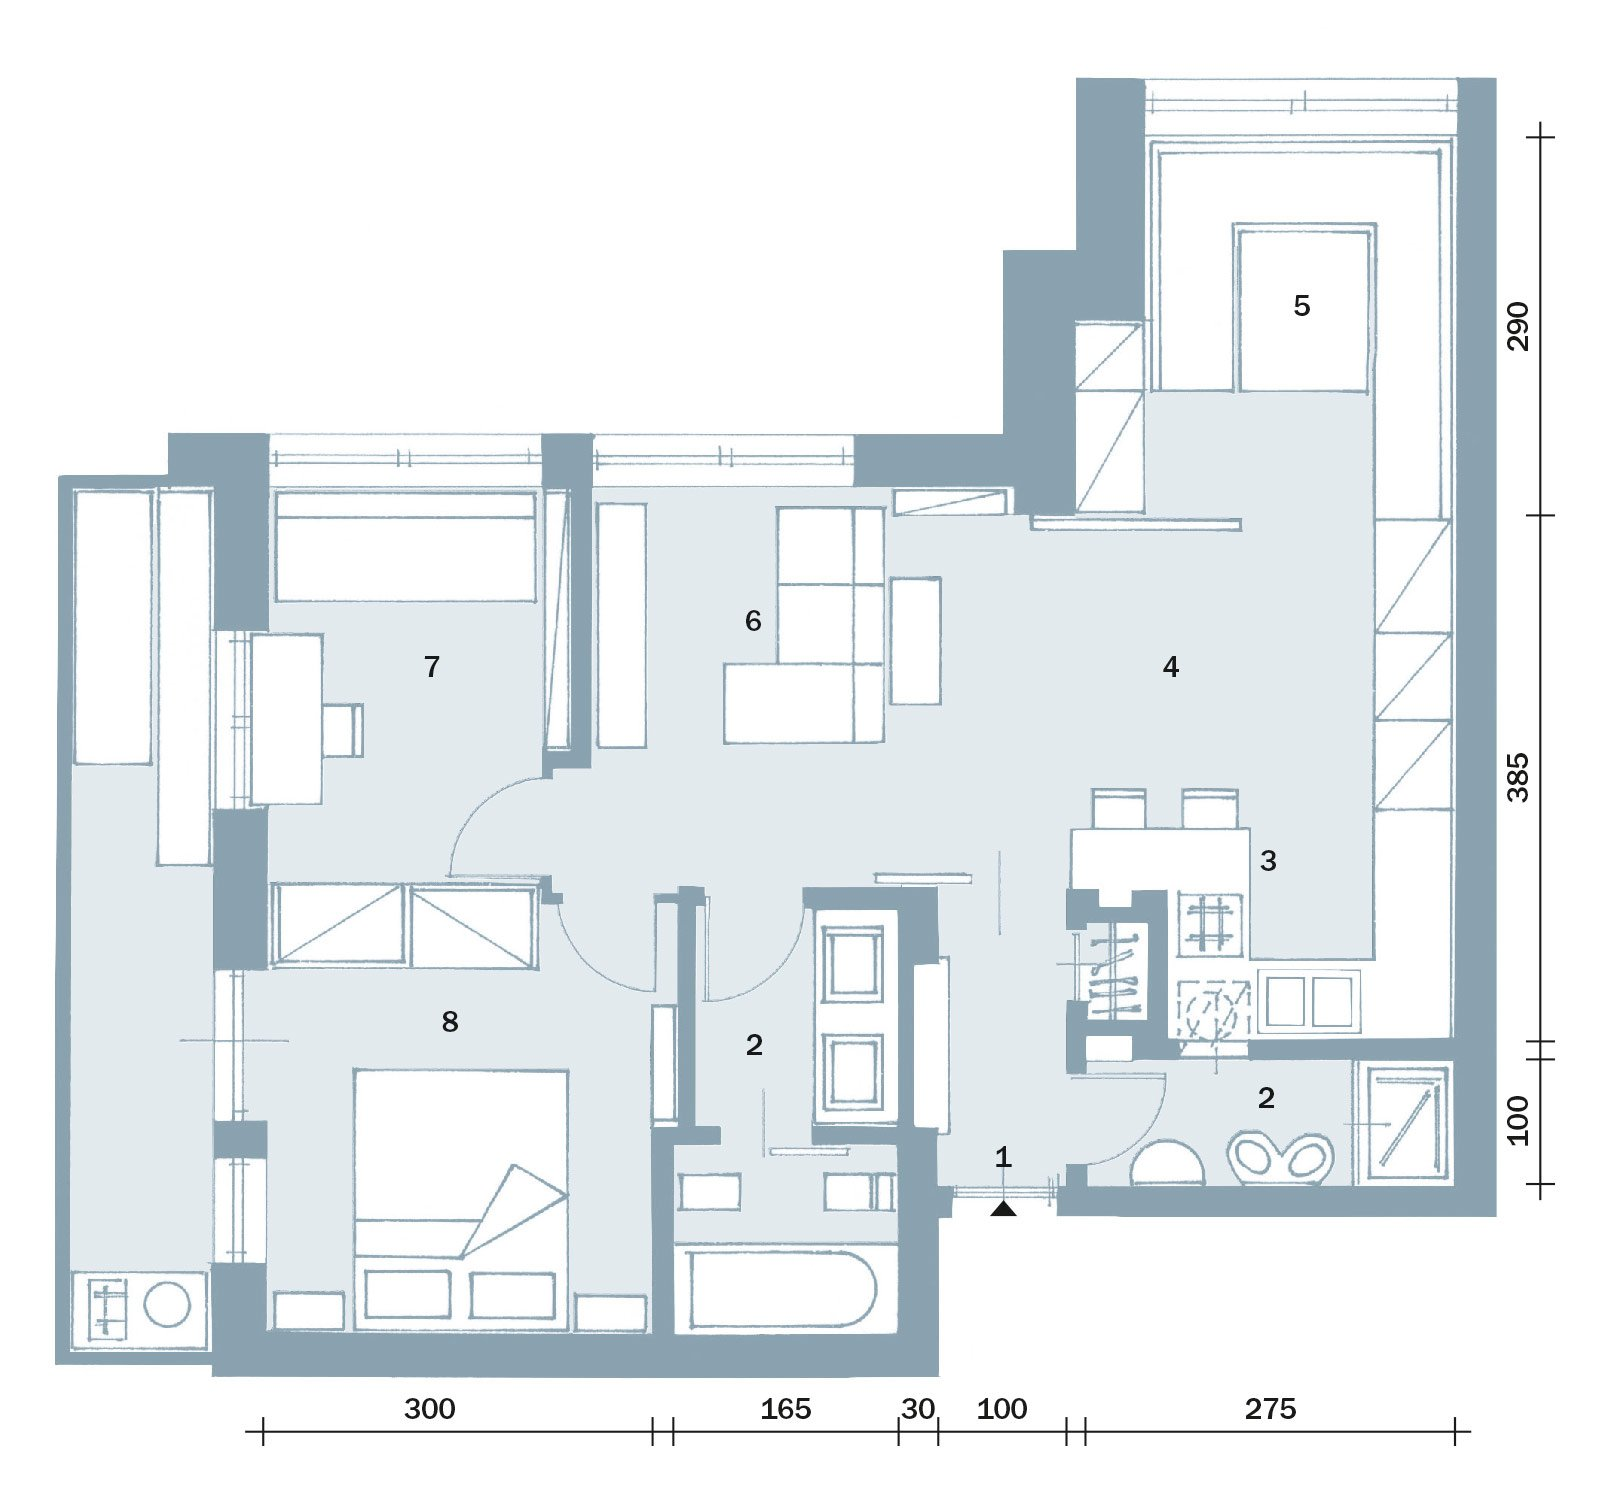 57 mq una casa con stanze trasformabili cose di casa - Planimetria camera da letto ...